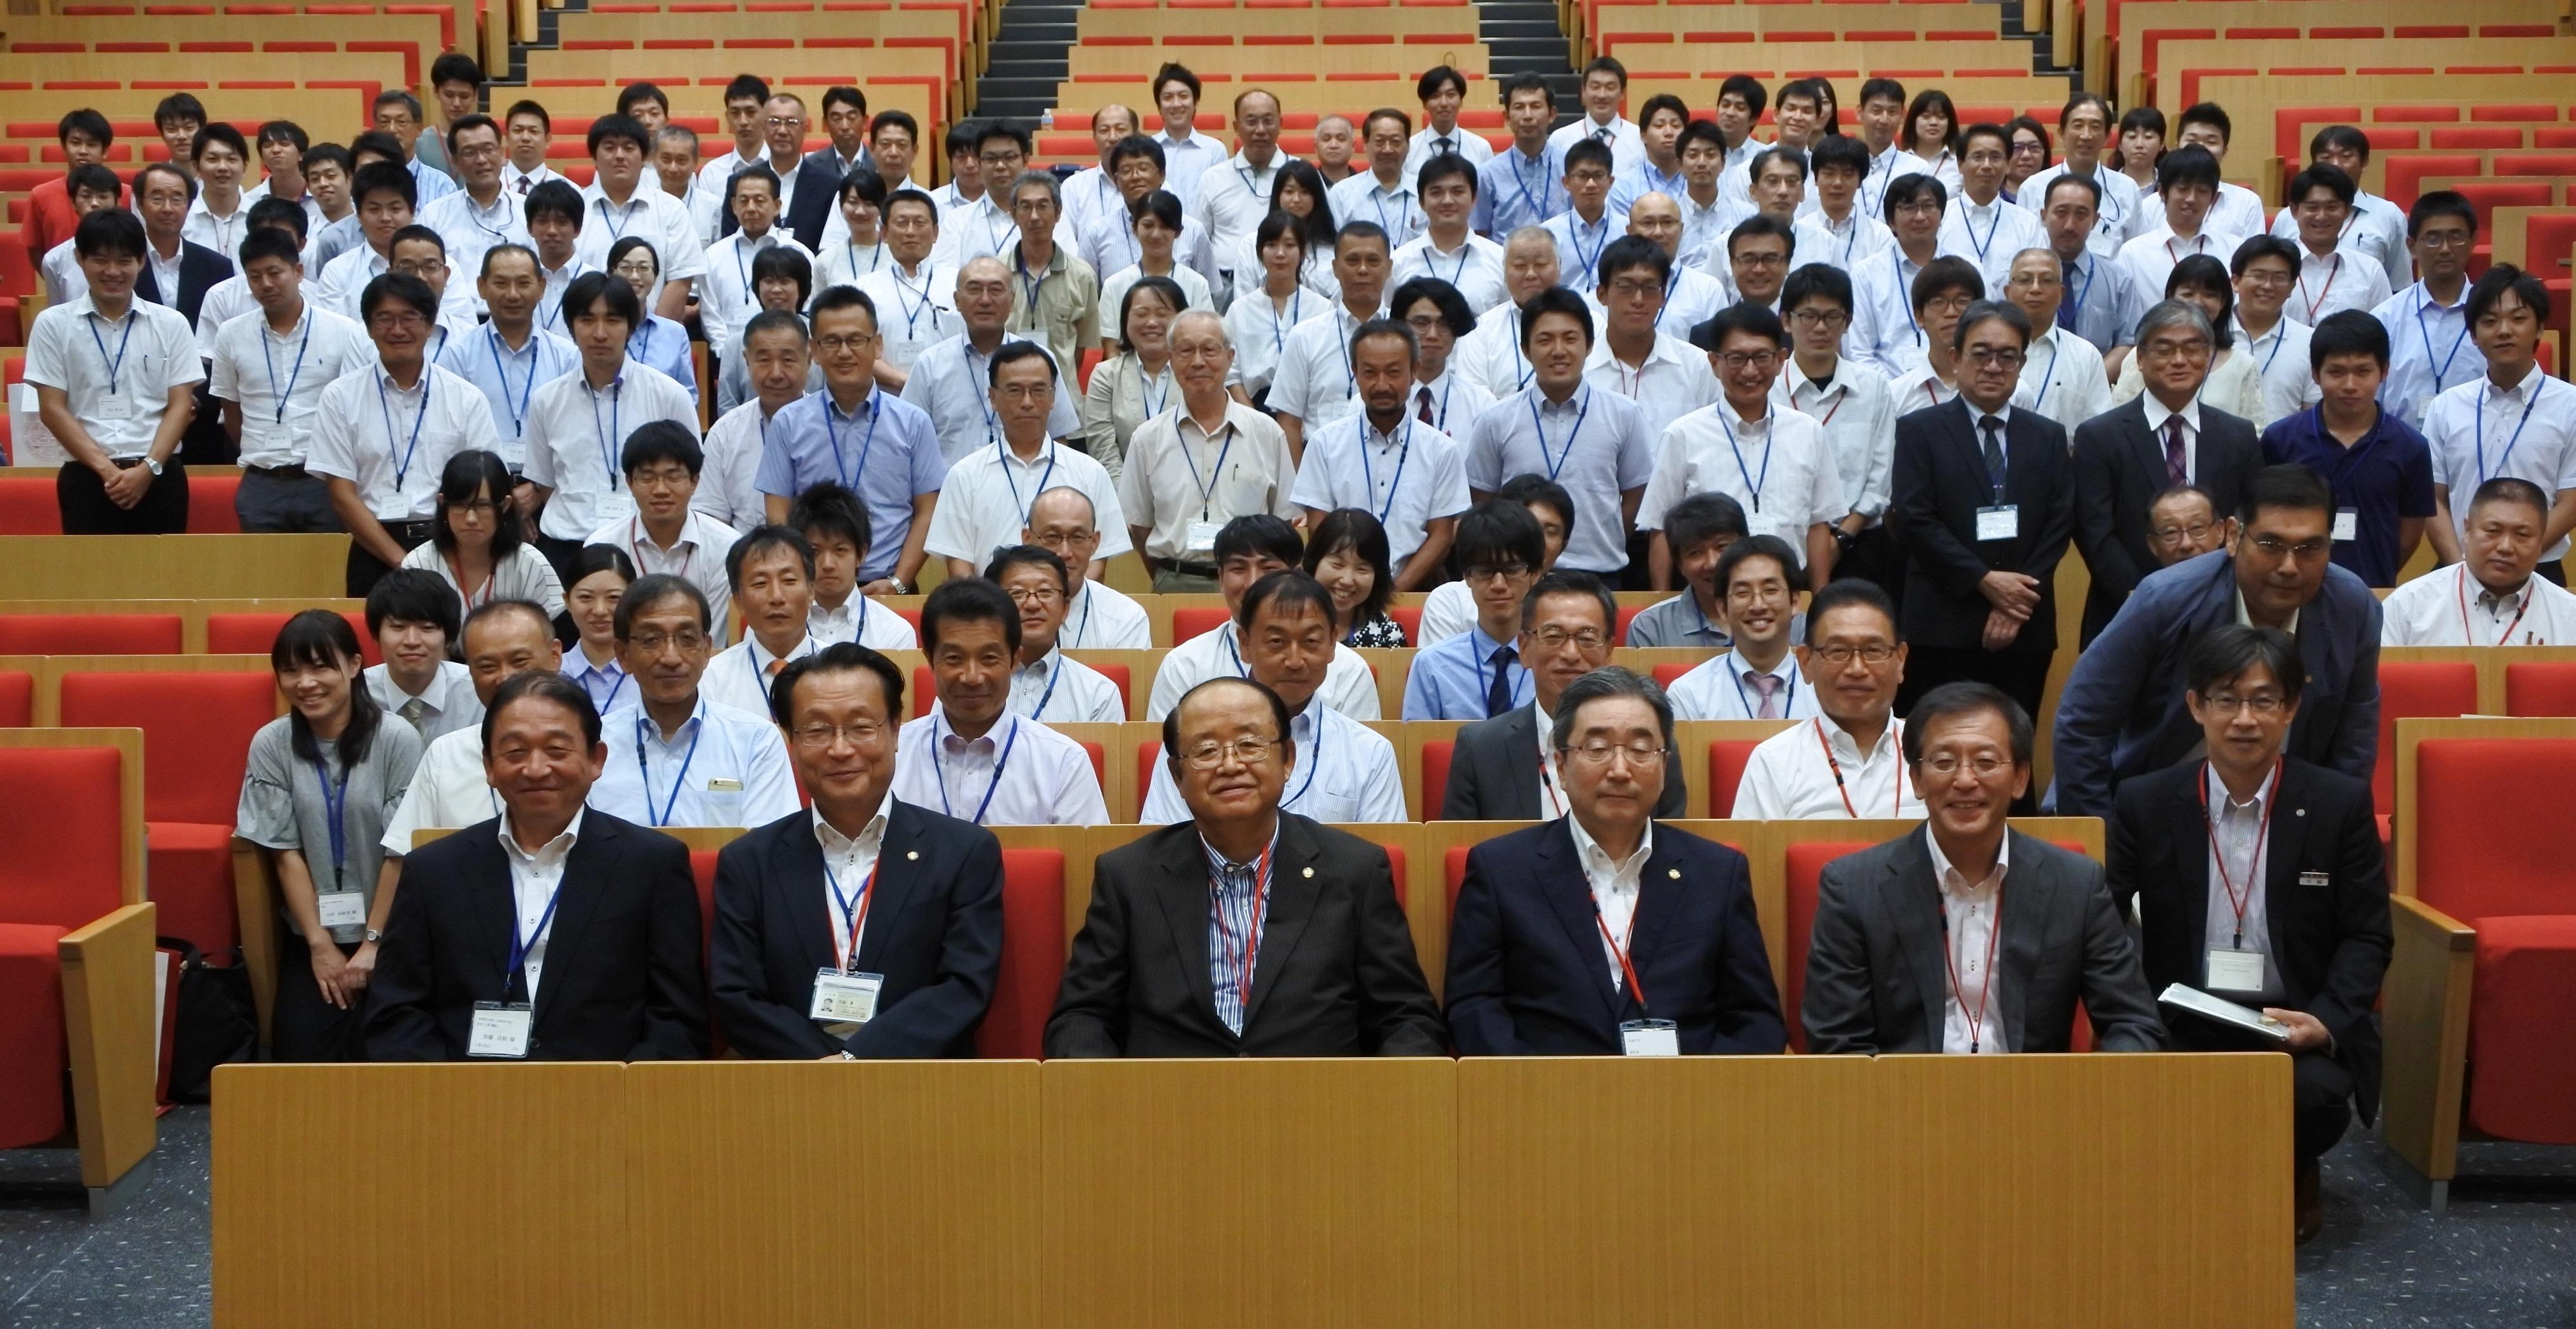 立花理事長(最前列中央)と記念写真に納まる参加者